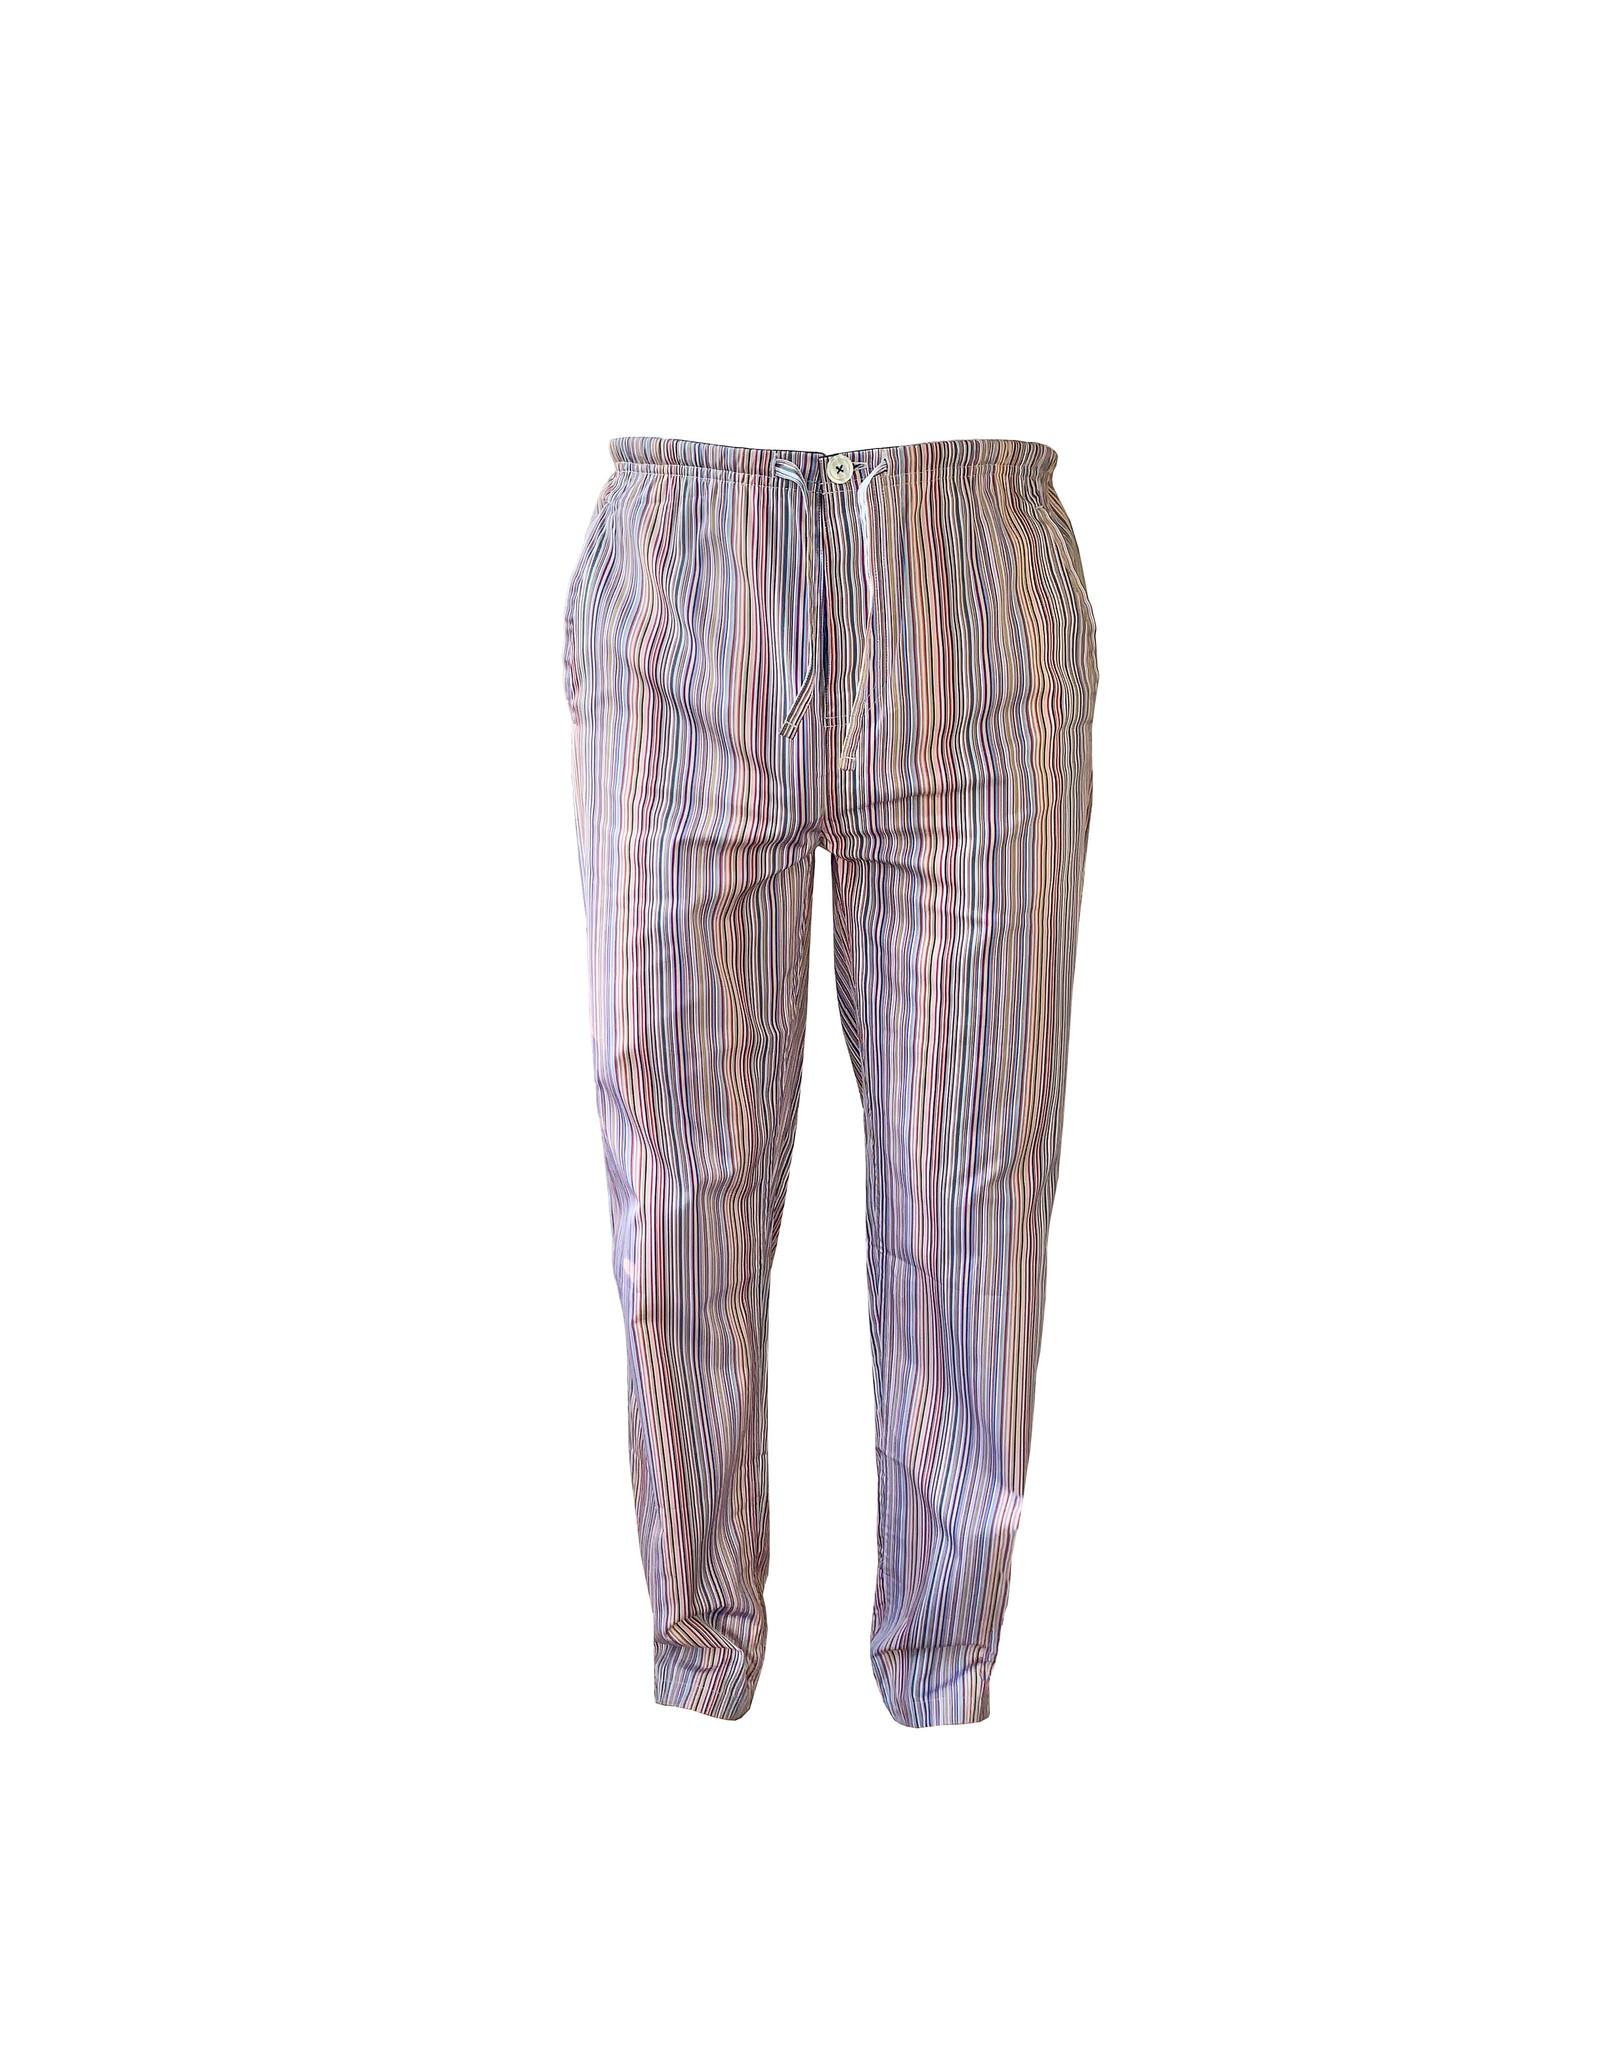 Paul Smith Paul Smith  Men's Two  Piece  Pyjamas Size M